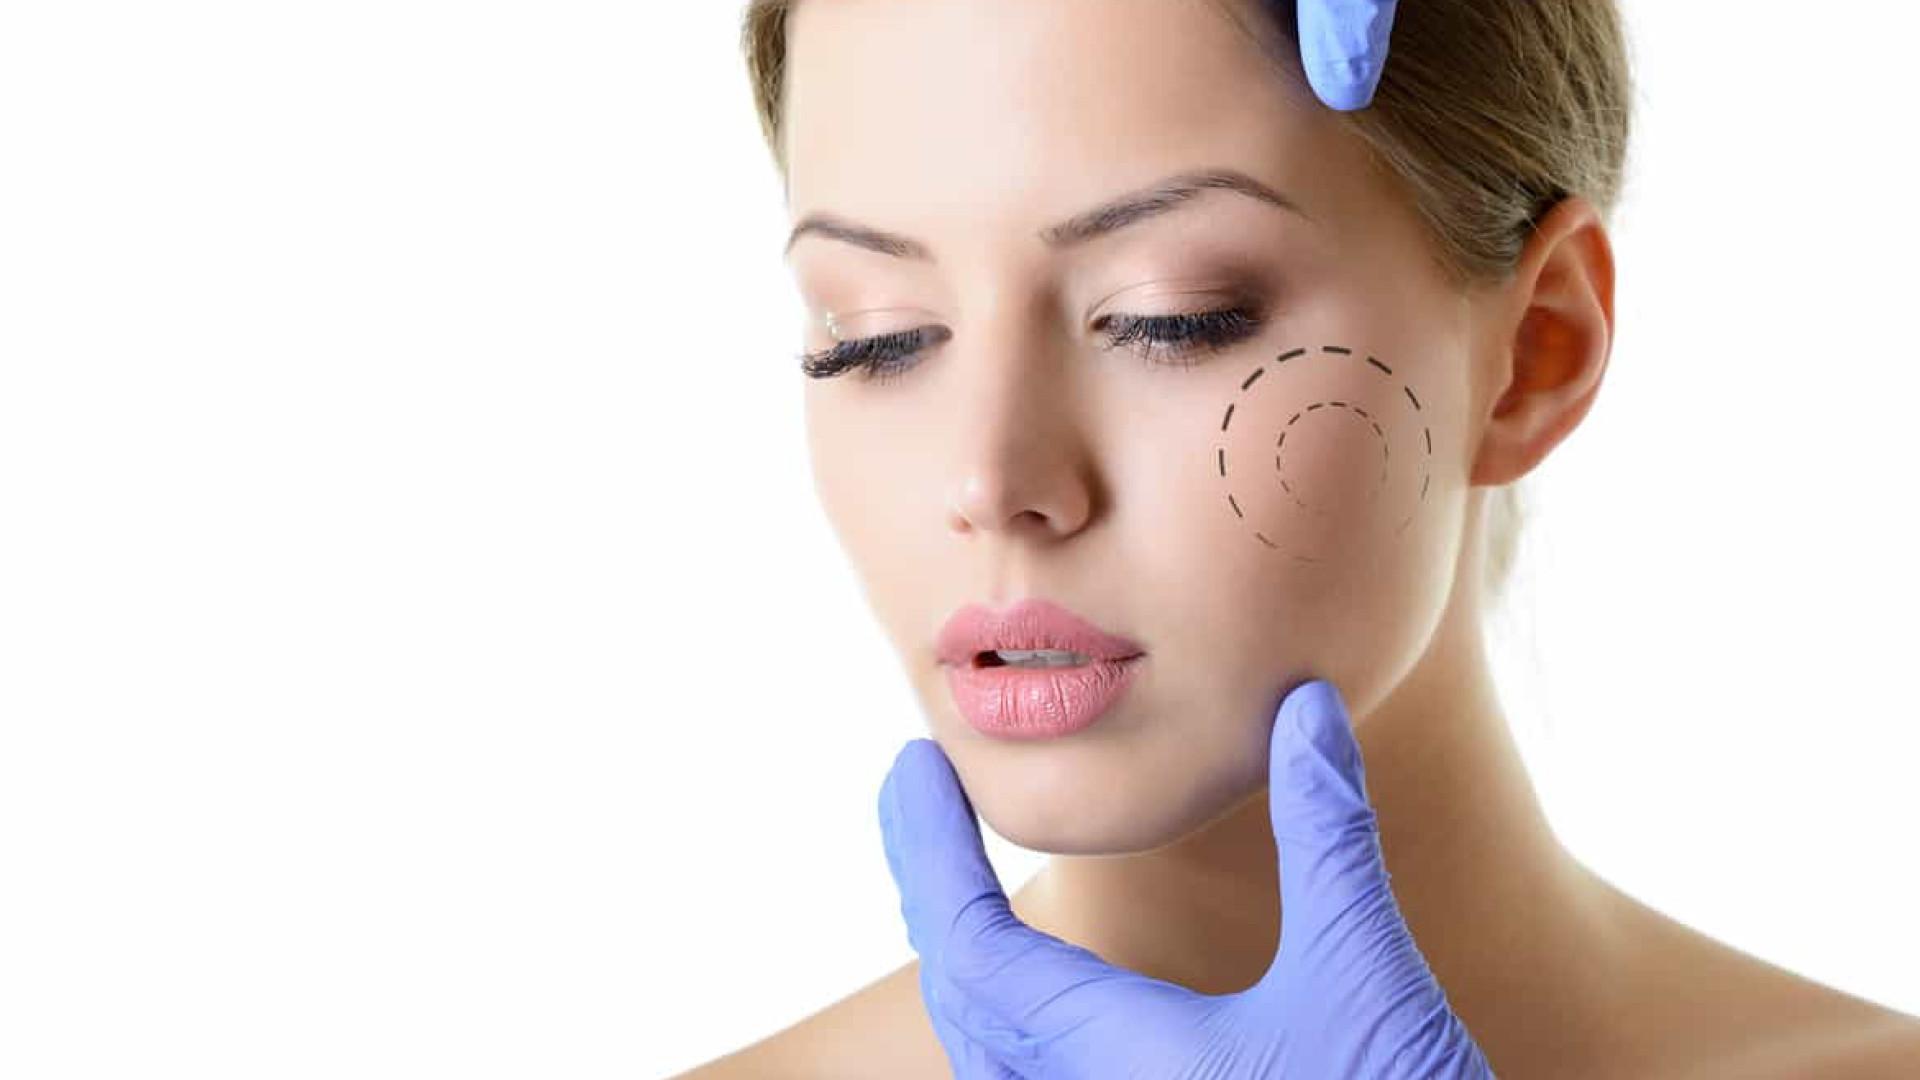 Bichectomia pode causar envelhecimento precoce da face